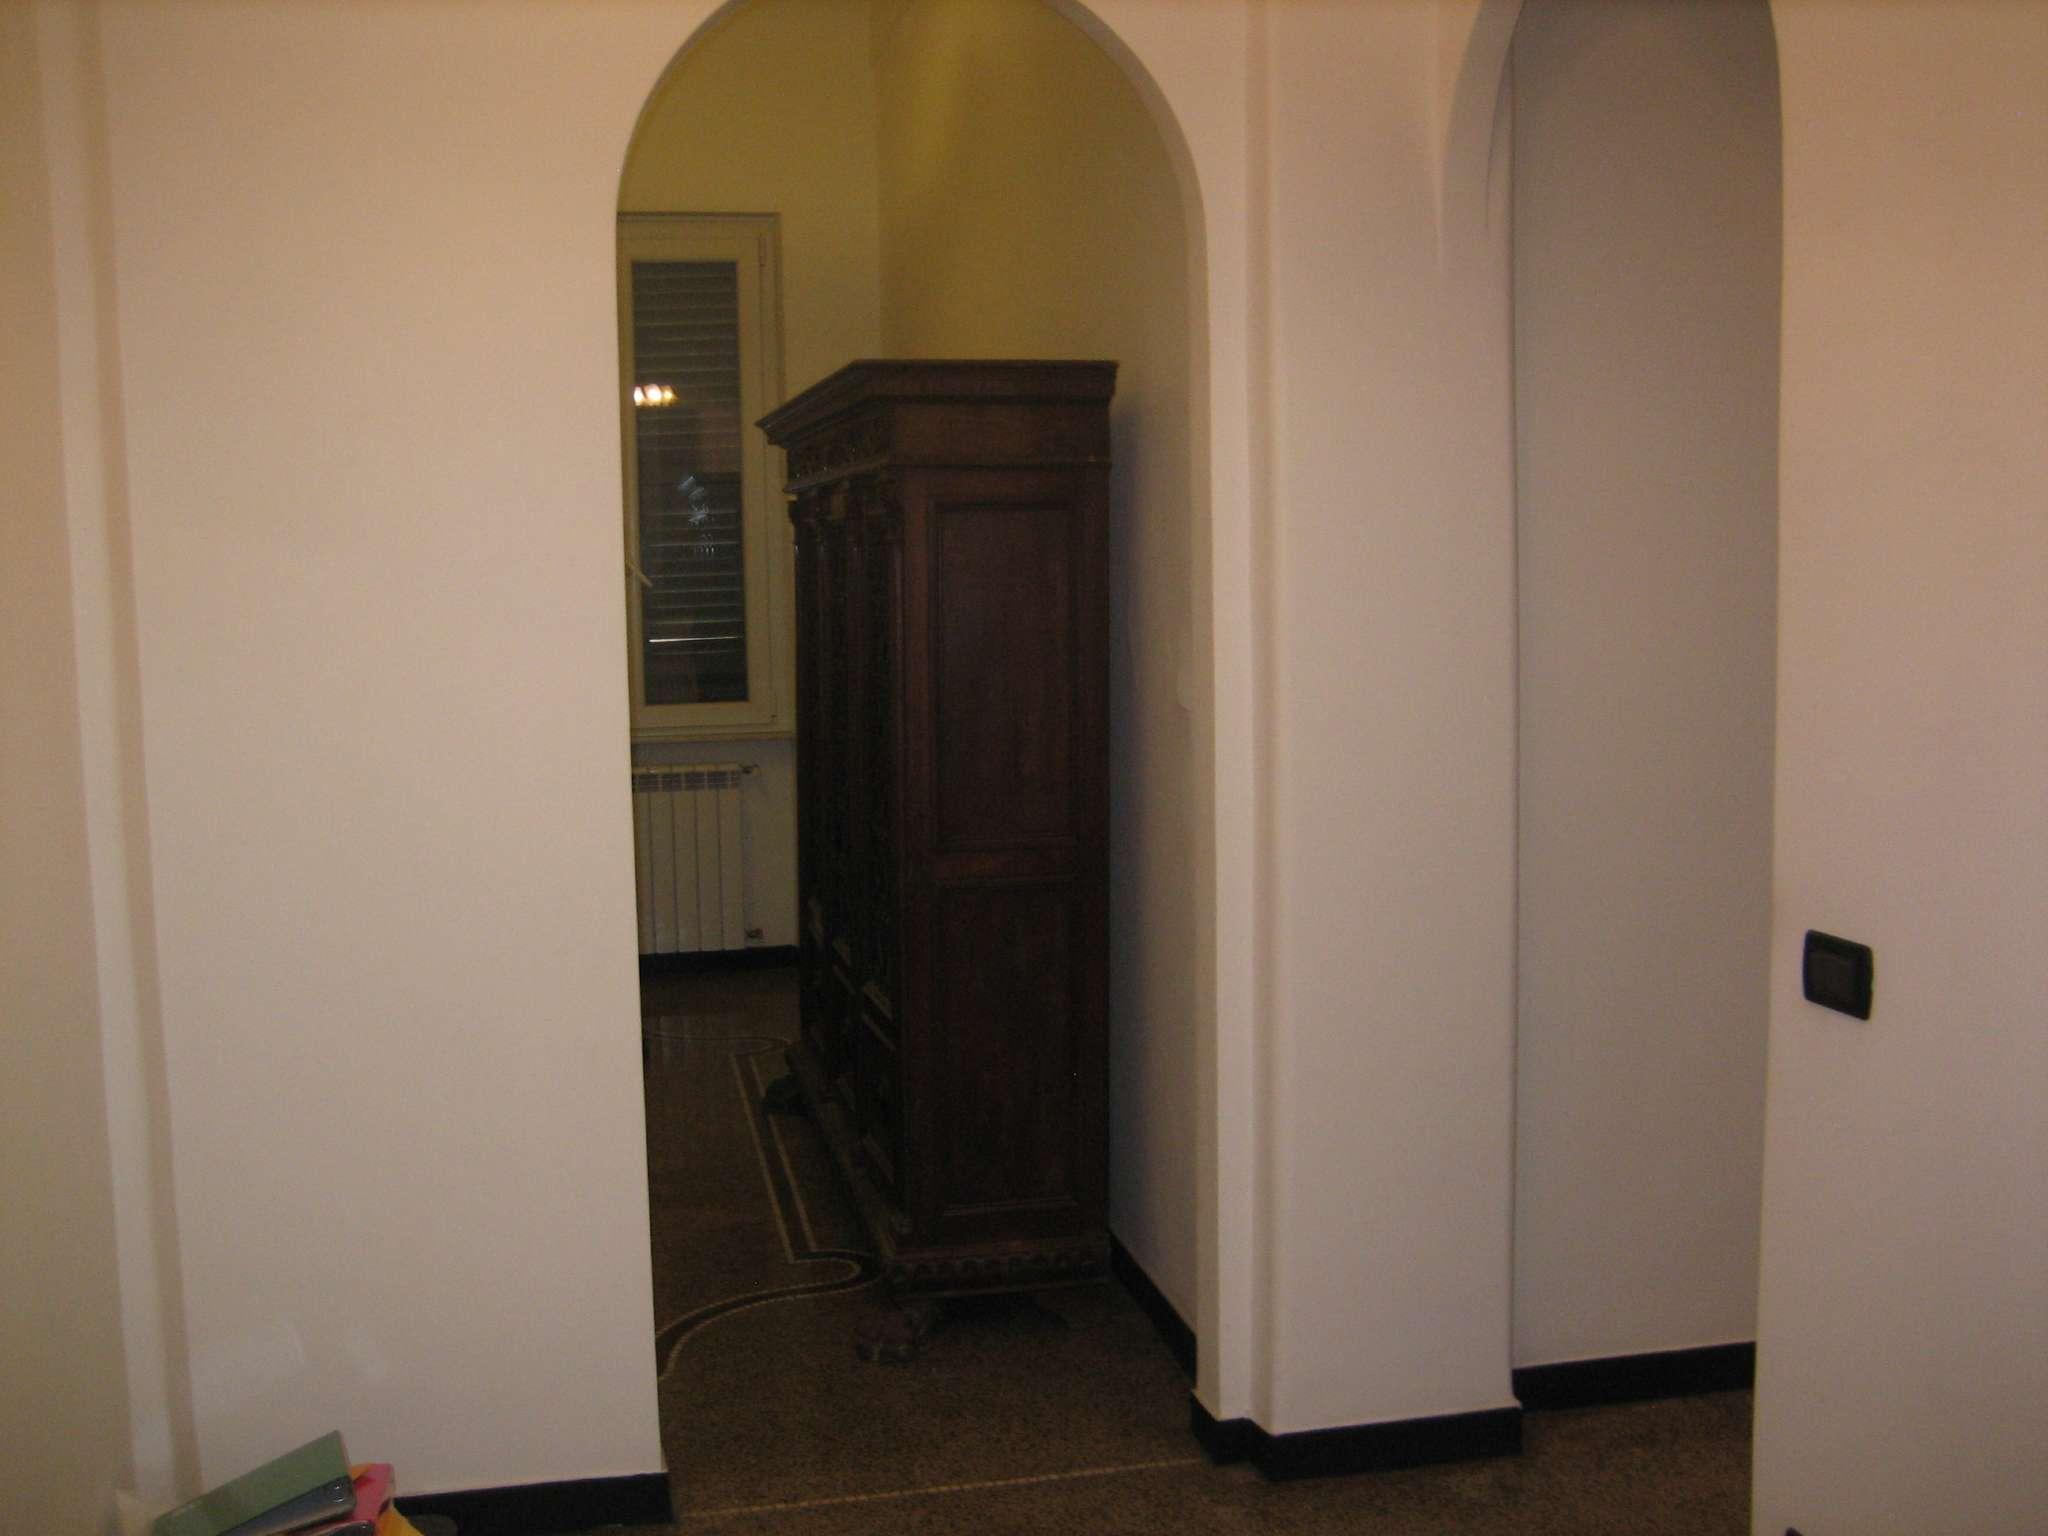 Ufficio / Studio in affitto a Genova, 6 locali, zona Zona: 4 . S.Fruttuoso-Borgoratti-S.Martino, prezzo € 1.000 | CambioCasa.it